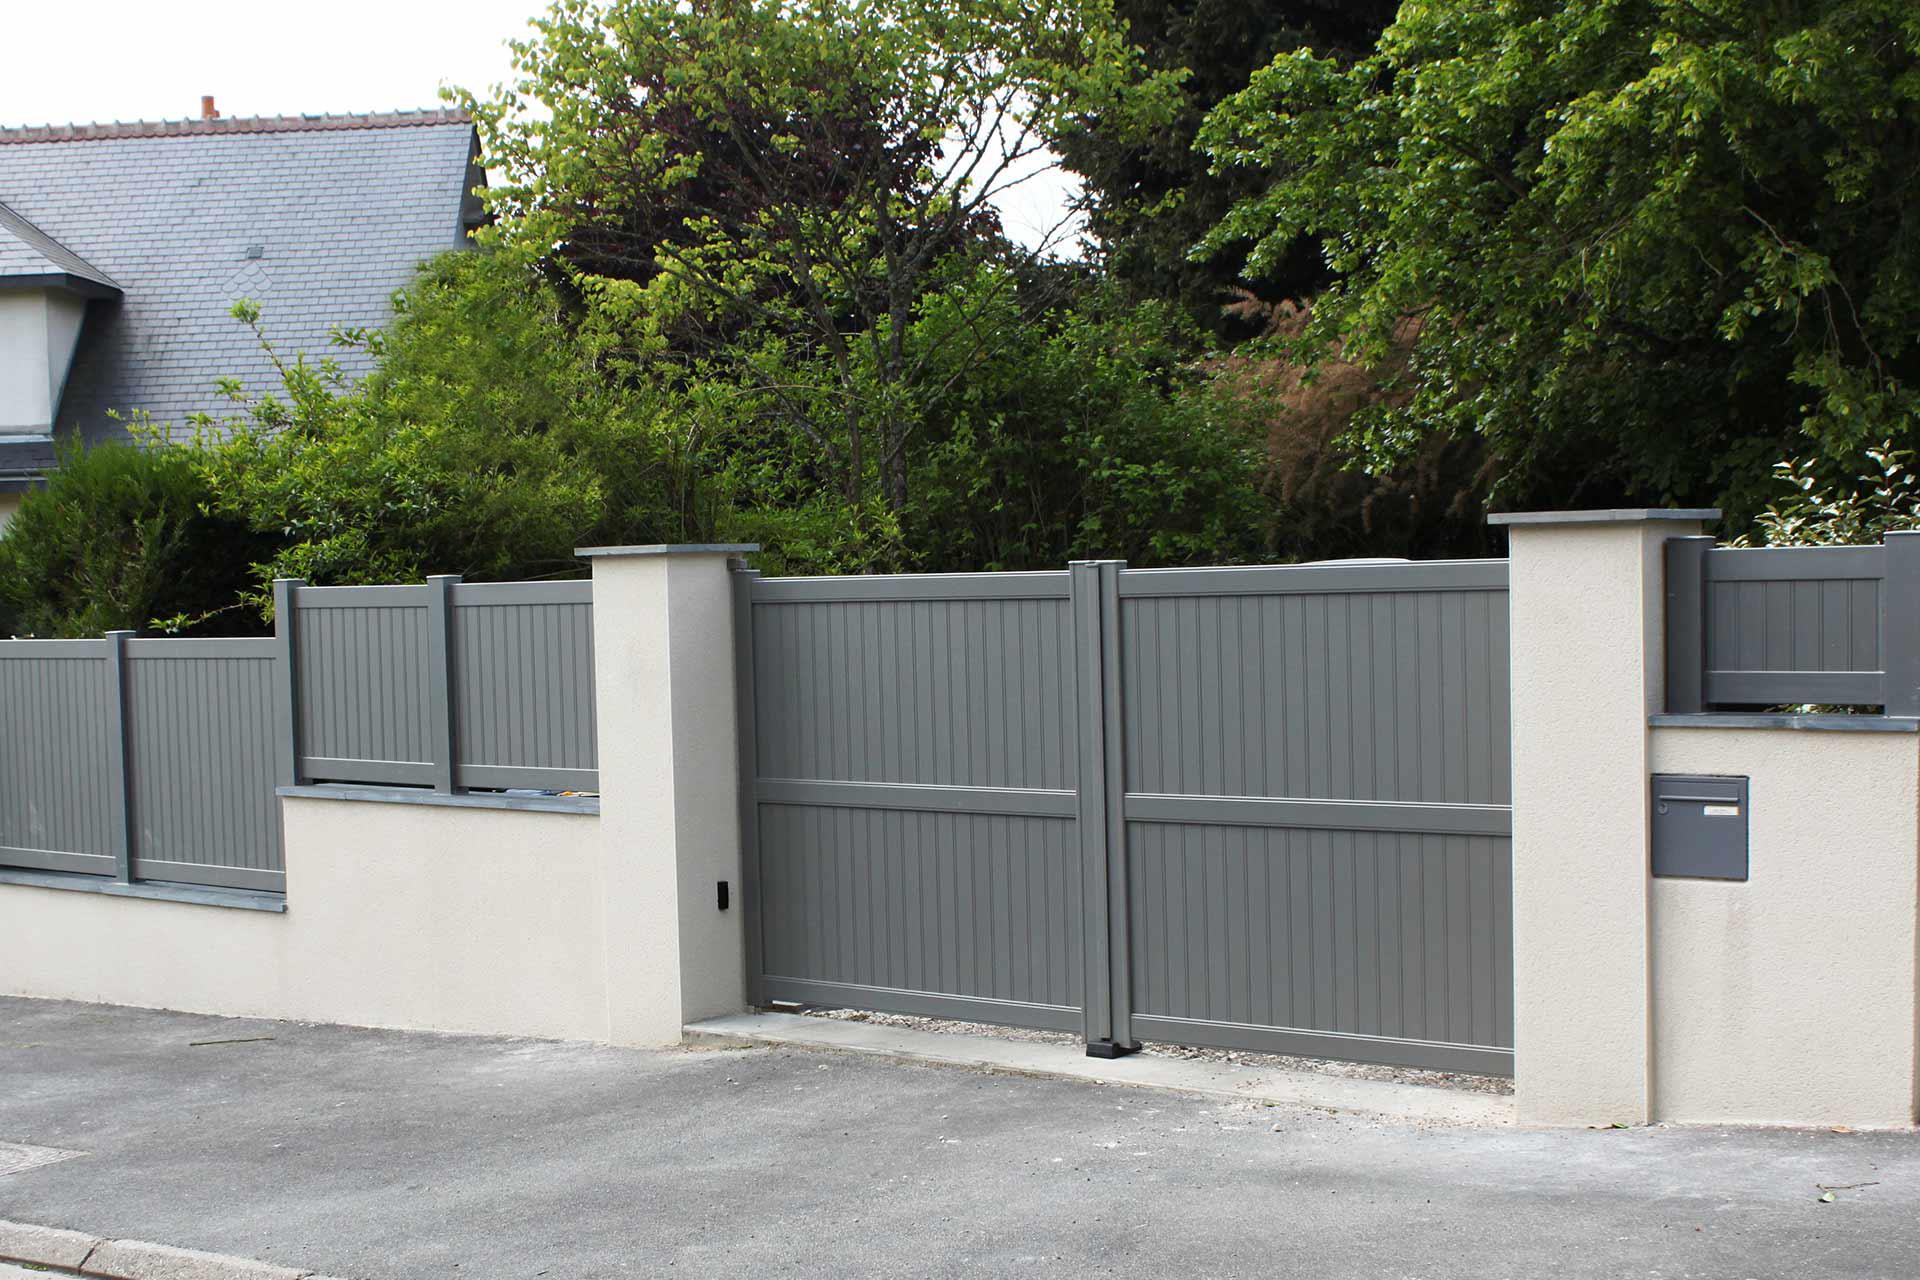 Serrault Jardins vous propose une large gamme de portails et palissades pour votre jardin.